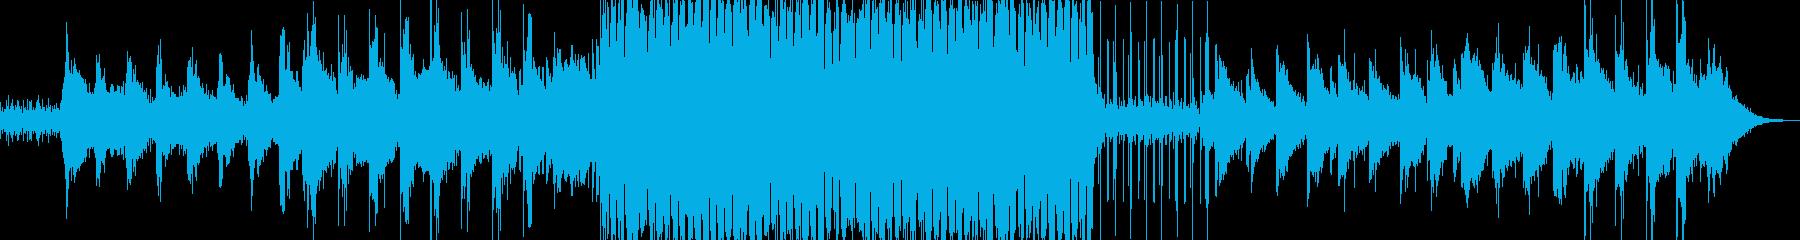 幻想的なヒーリング系 チルアウトの再生済みの波形